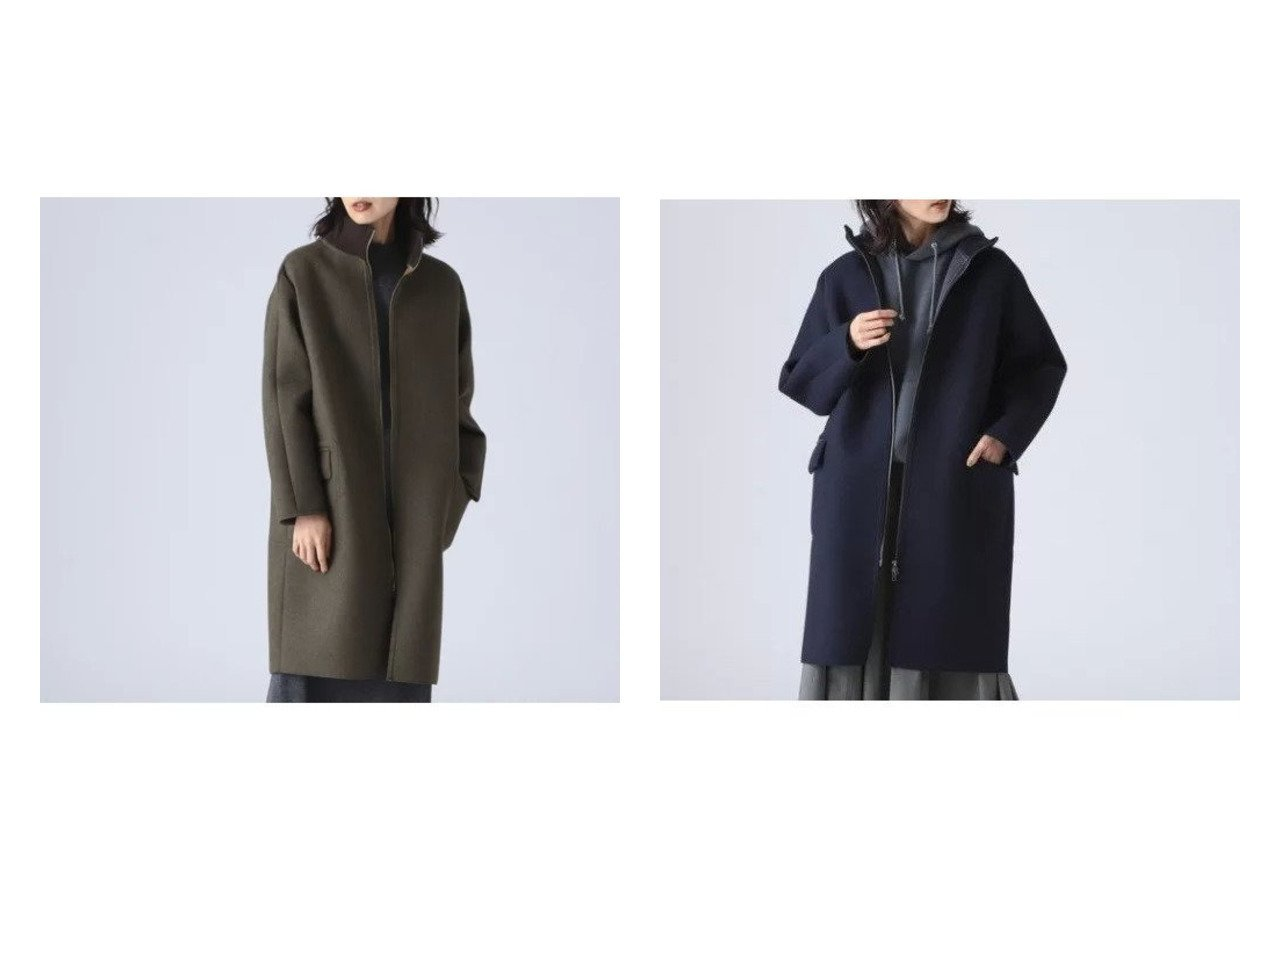 【Demi-Luxe BEAMS/デミルクス ビームス】のAK+ ハイネック ボンディングコート 【アウター】おすすめ!人気、トレンド・レディースファッションの通販 おすすめで人気の流行・トレンド、ファッションの通販商品 インテリア・家具・メンズファッション・キッズファッション・レディースファッション・服の通販 founy(ファニー) https://founy.com/ ファッション Fashion レディースファッション WOMEN アウター Coat Outerwear コート Coats ハイネック パターン ブルゾン ベーシック ボンディング 防寒 メンズ |ID:crp329100000057898